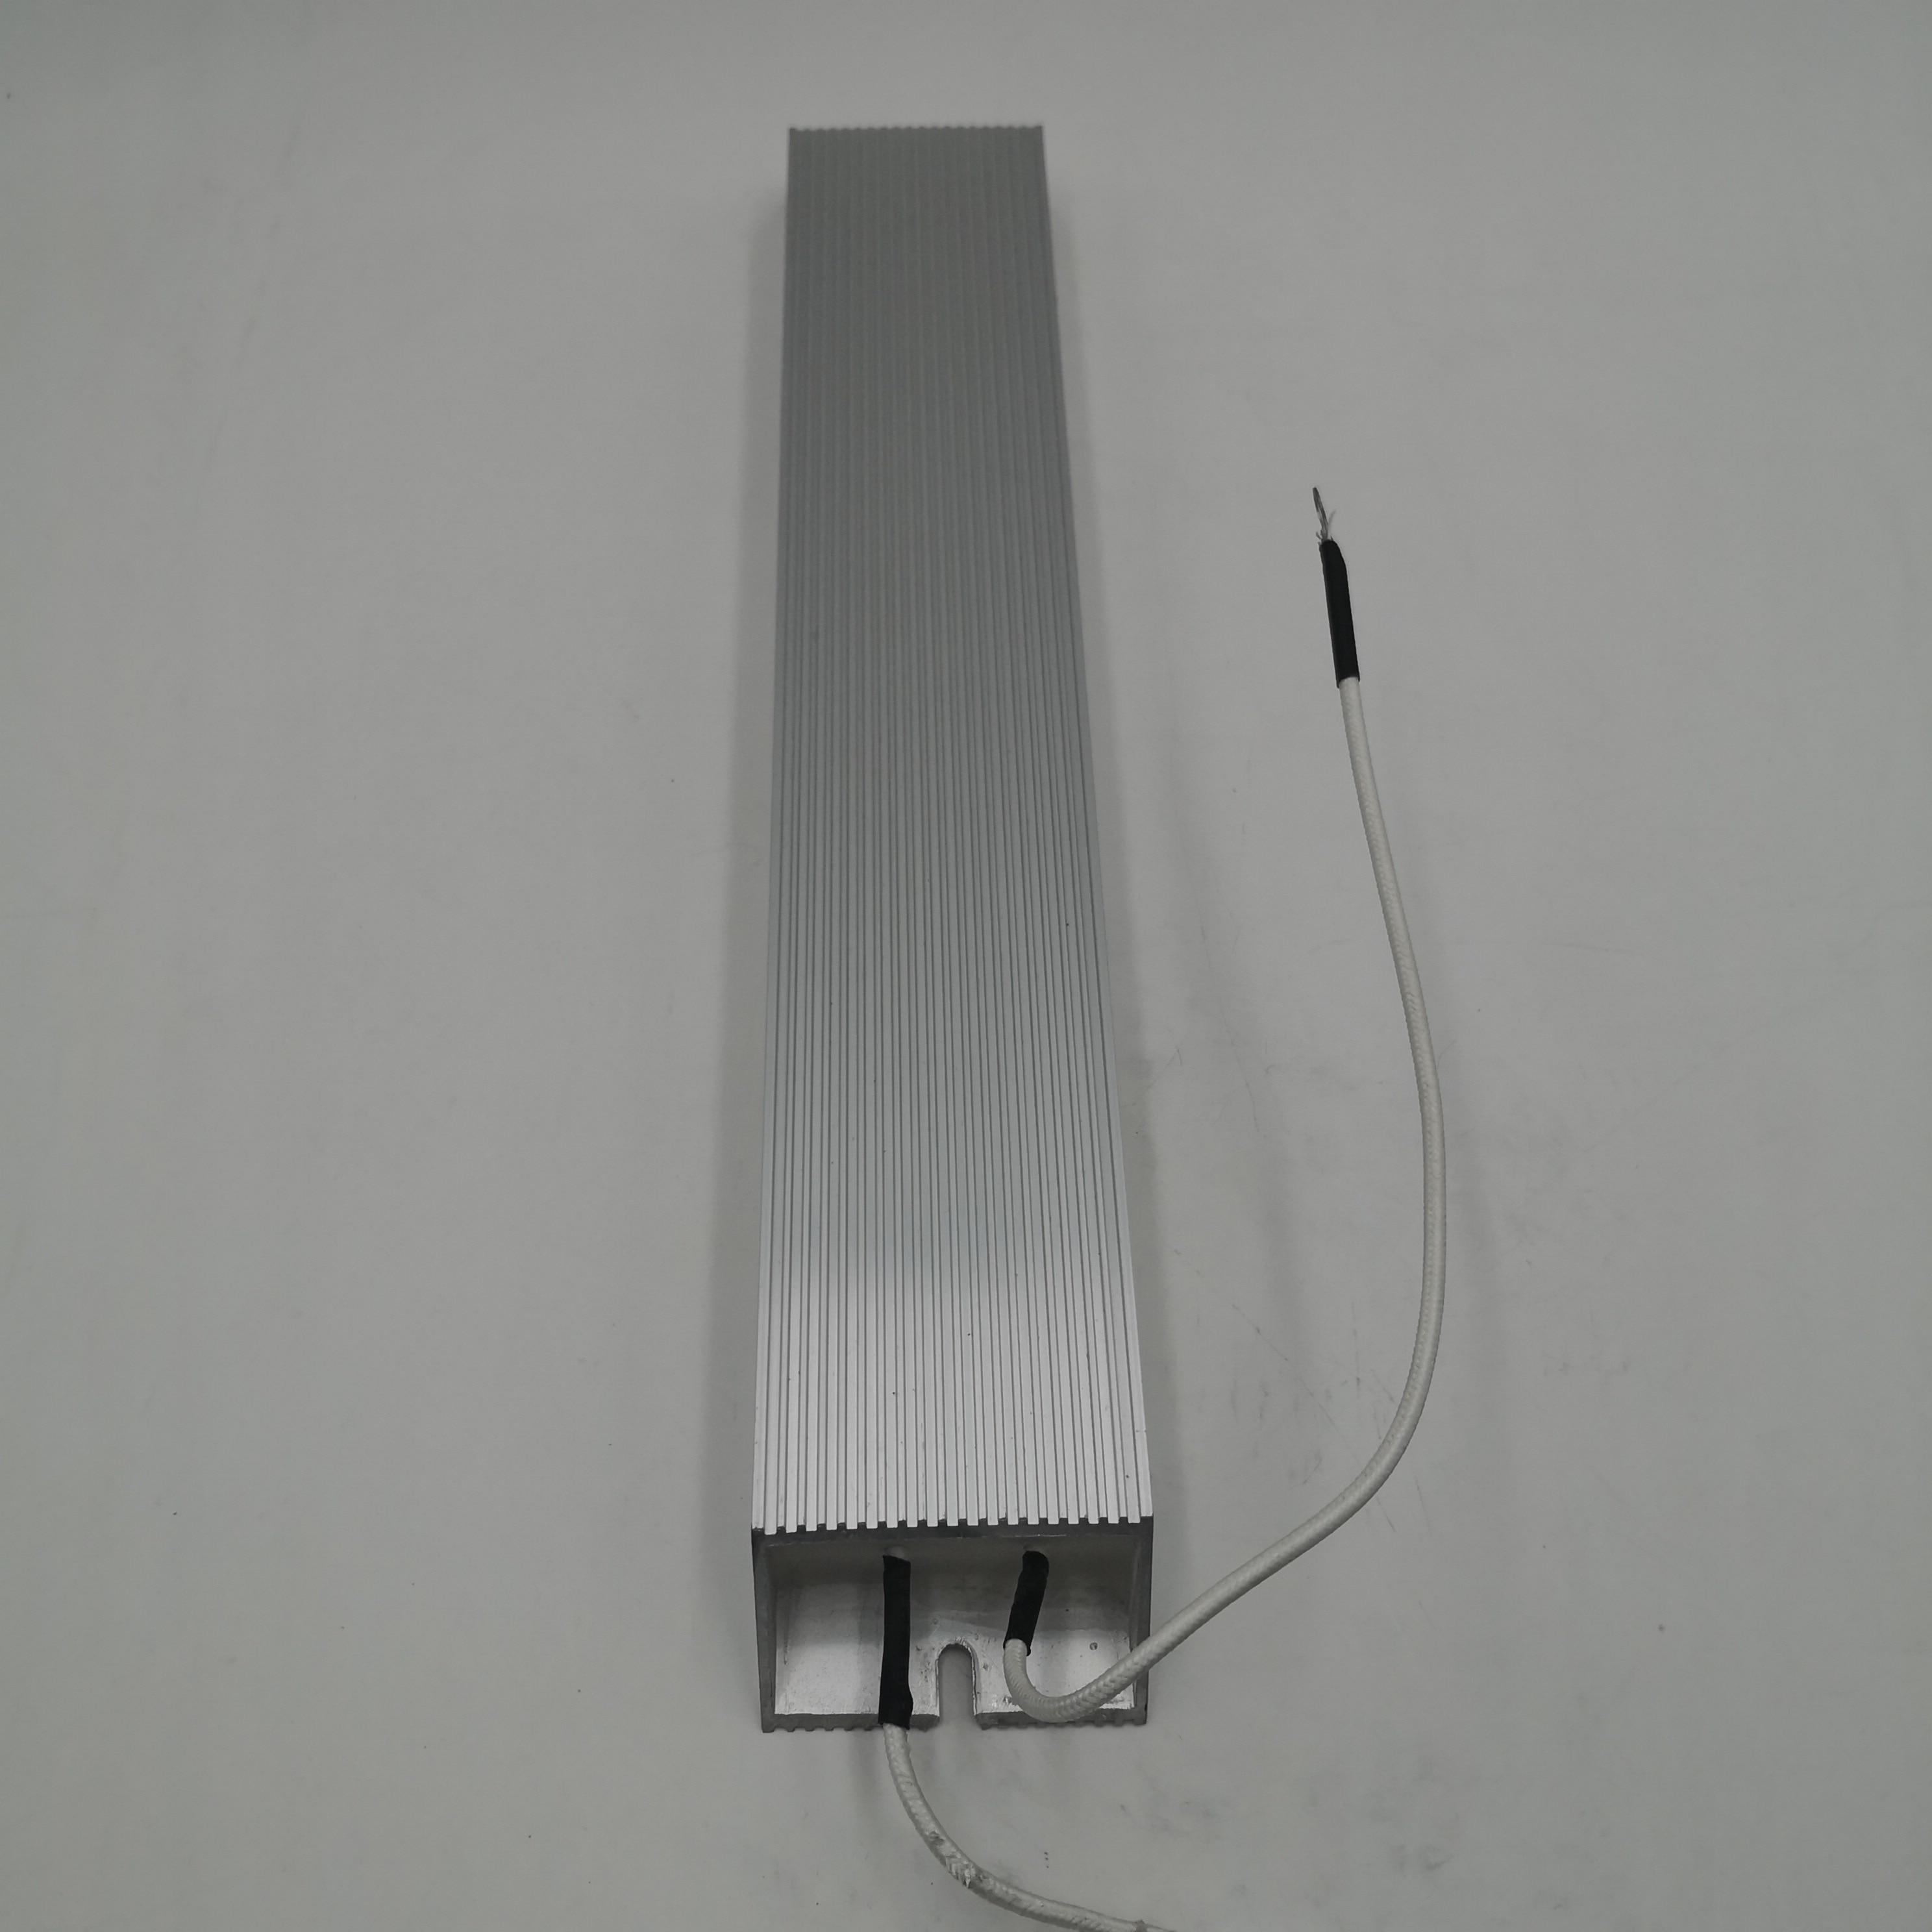 Тормозной резистор для частотного инвертора 1,5 кВт (VFD) 300 Вт 100 OMG